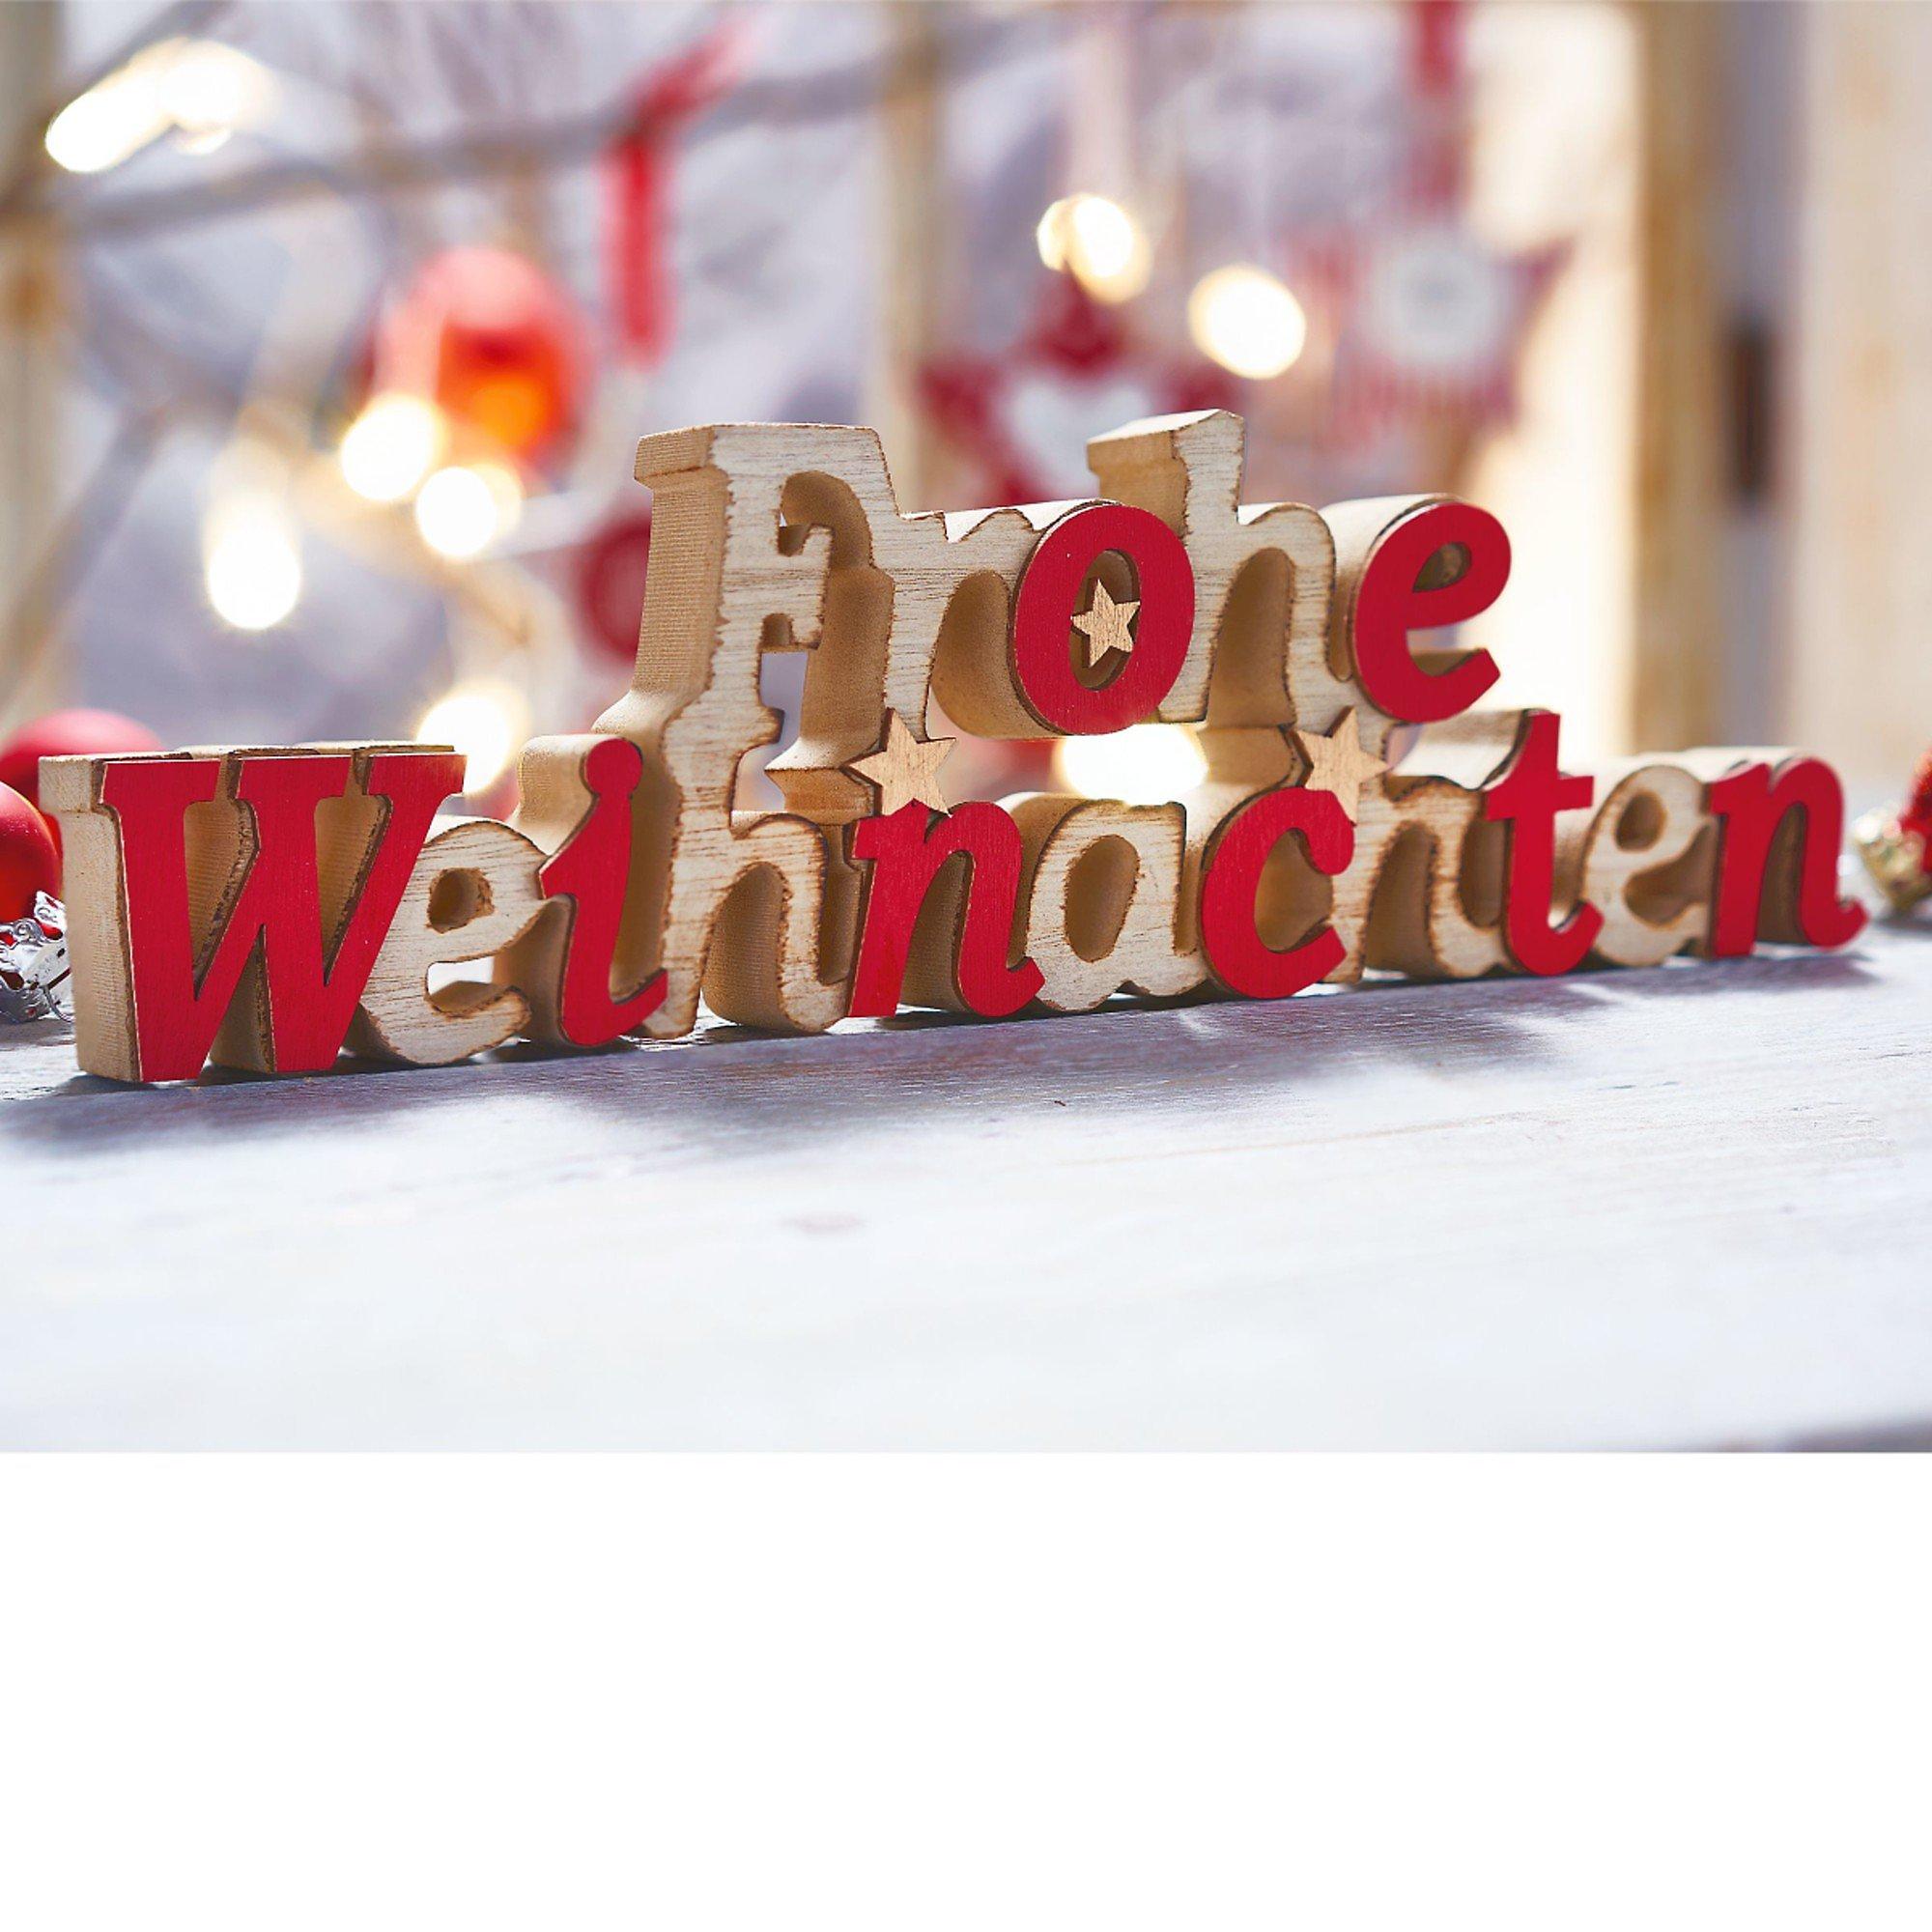 Schriftzug Frohe Weihnachten.Deko Objekt Schriftzug Frohe Weihnachten Bestellen Weltbild De